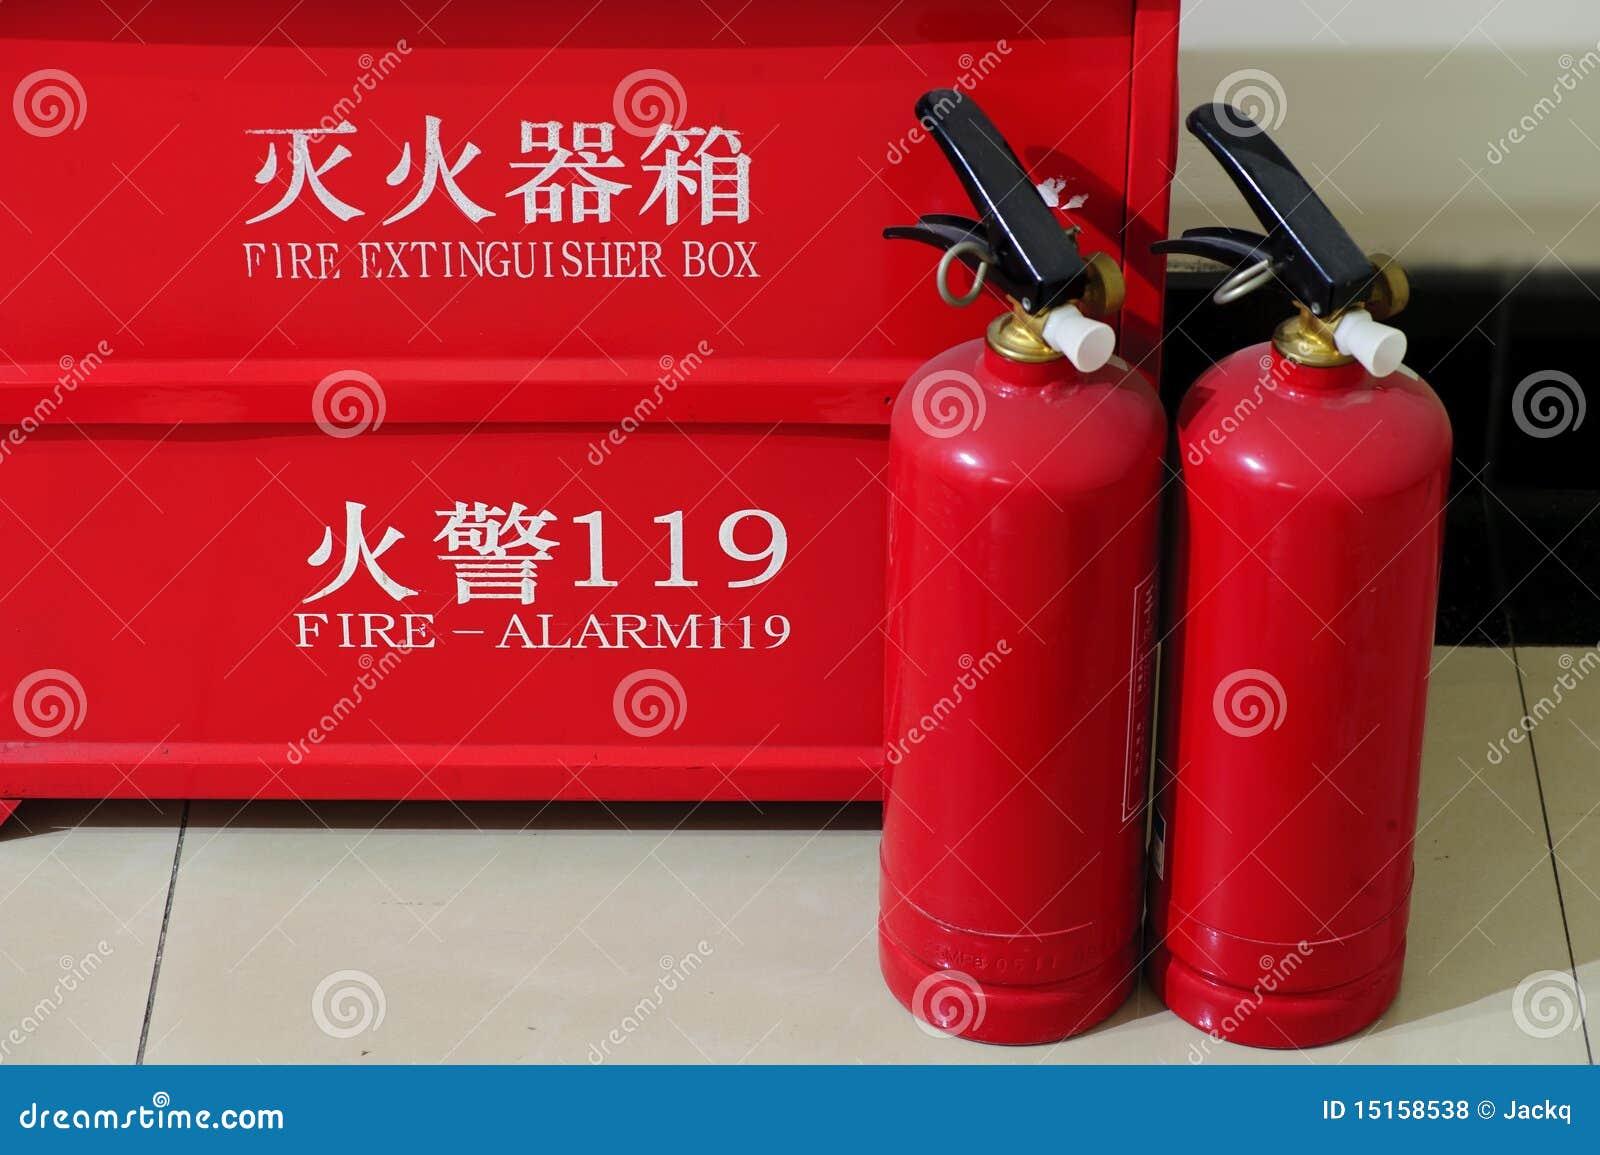 配件箱灭火器火